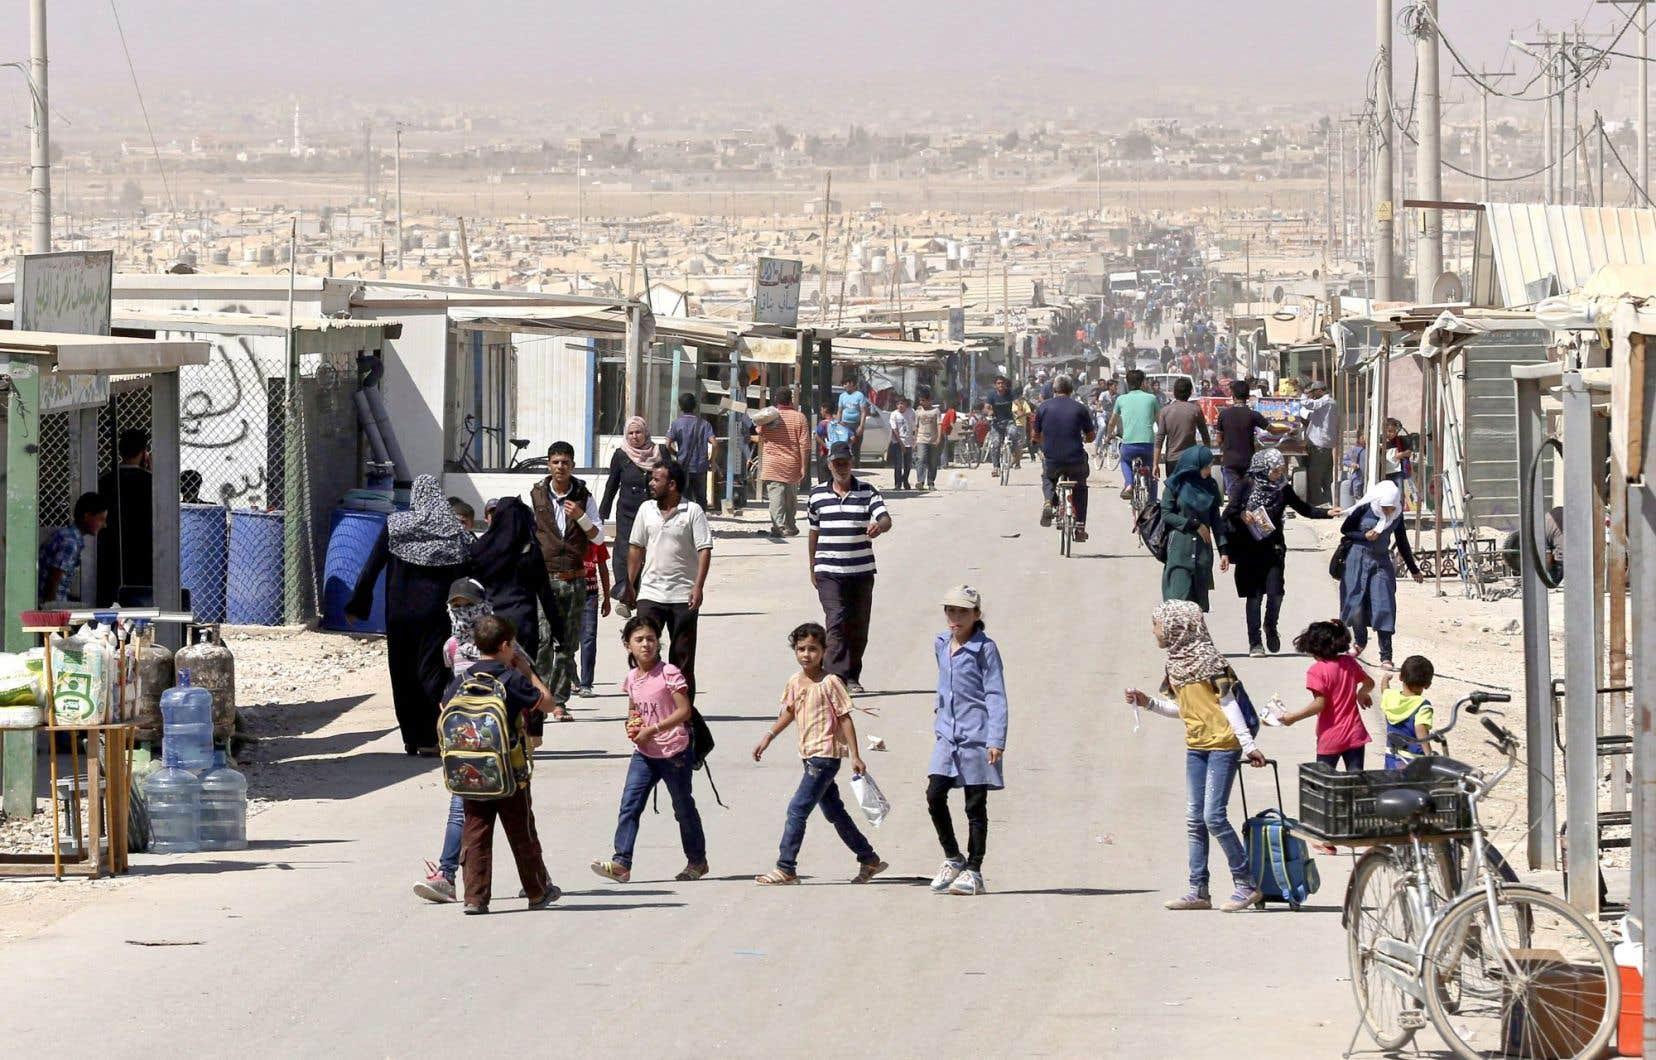 Selon le ministre McCallum, les réfugiés syriens qui prendront le chemin du Canada devraient venir des camps situés dans les trois pays de la région qui ont été les plus touchés par le plus important exode depuis la Seconde Guerre mondiale, soit la Turquie, la Jordanie (notre photo) et le Liban.